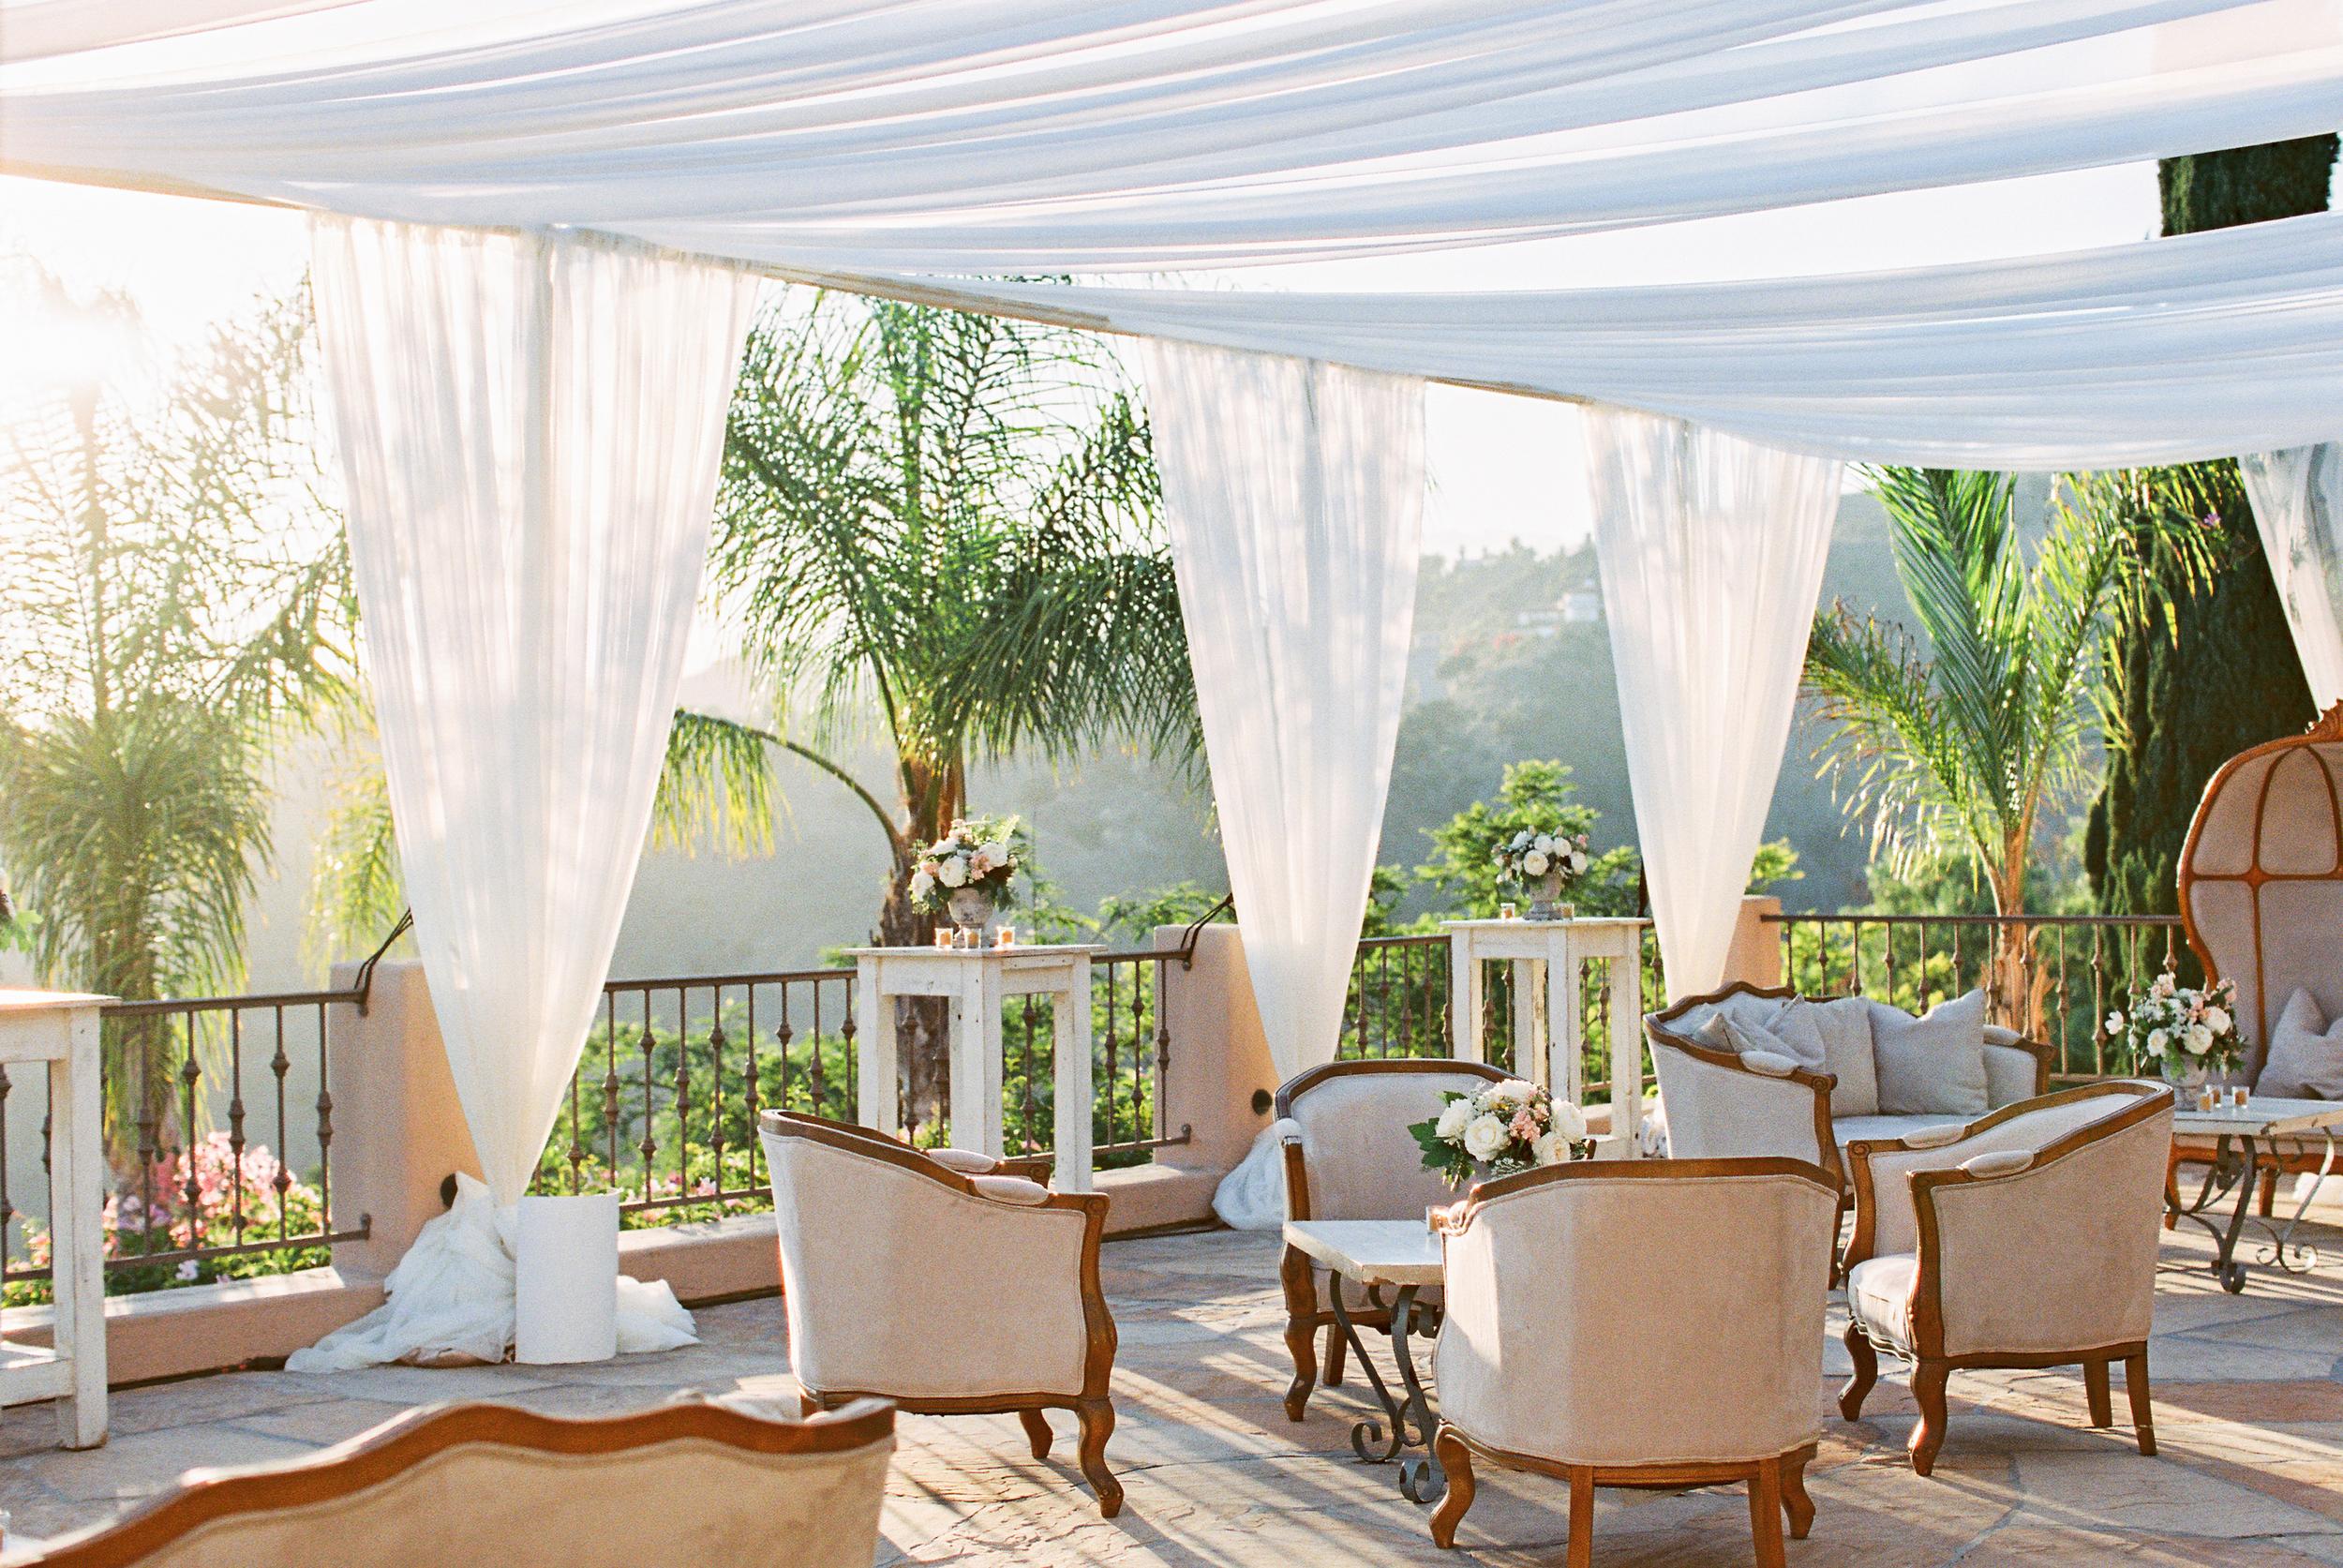 alegria-by-design-wedding-villa-verano-garden-restoration-hardware-event-design-furniture-pastel-ceremony-ocean-view-turquoise-gold (2).JPG